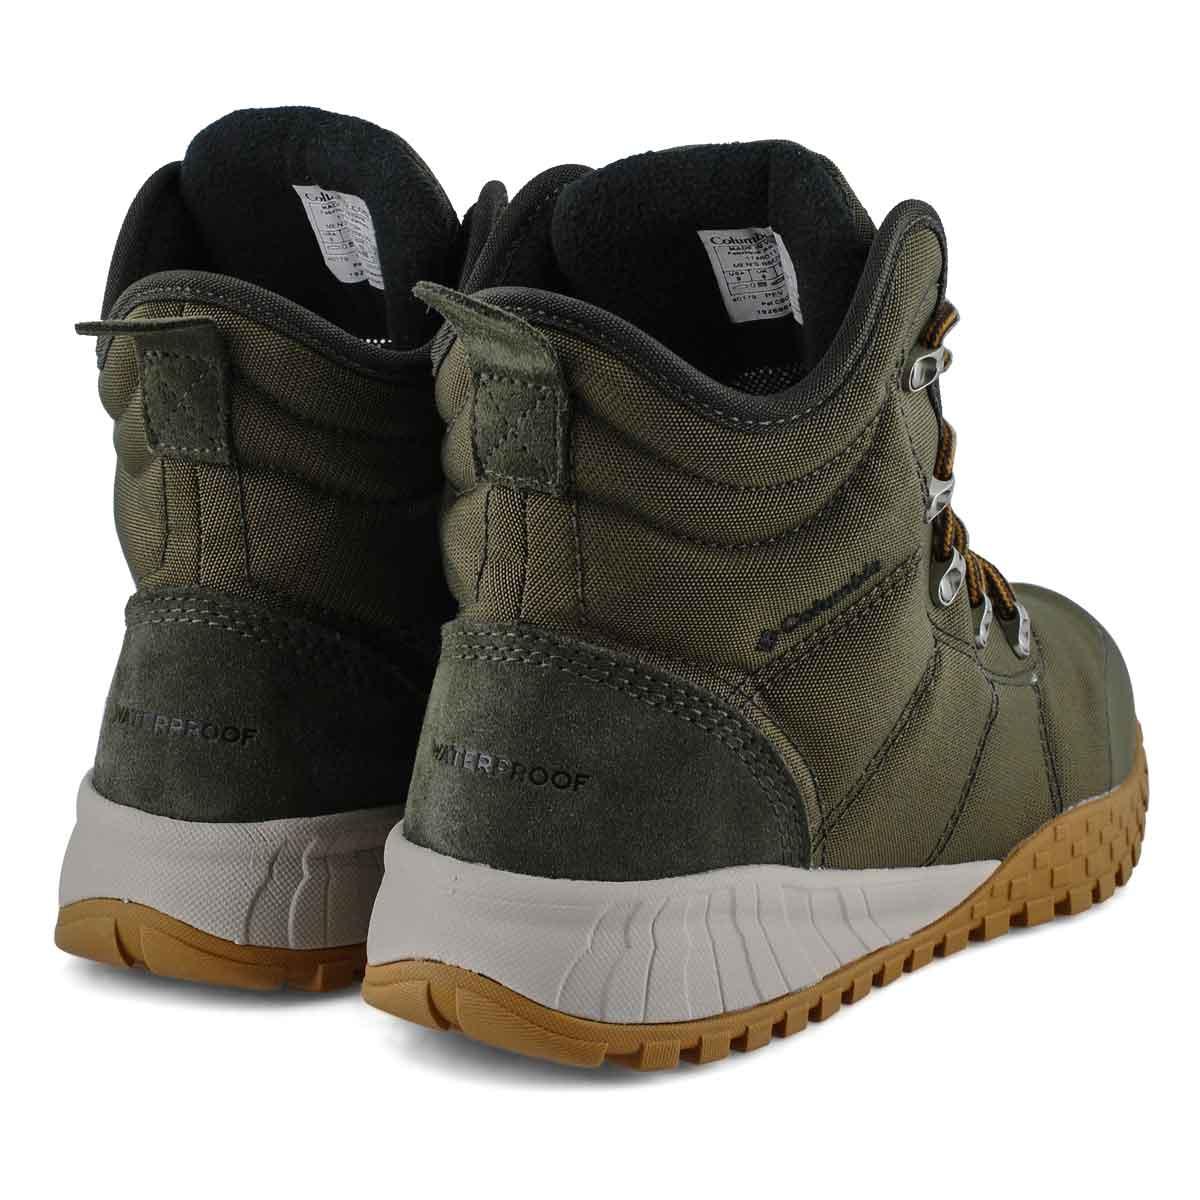 Men's Fairbanks OmniHeat Waterproof Boot - Nori